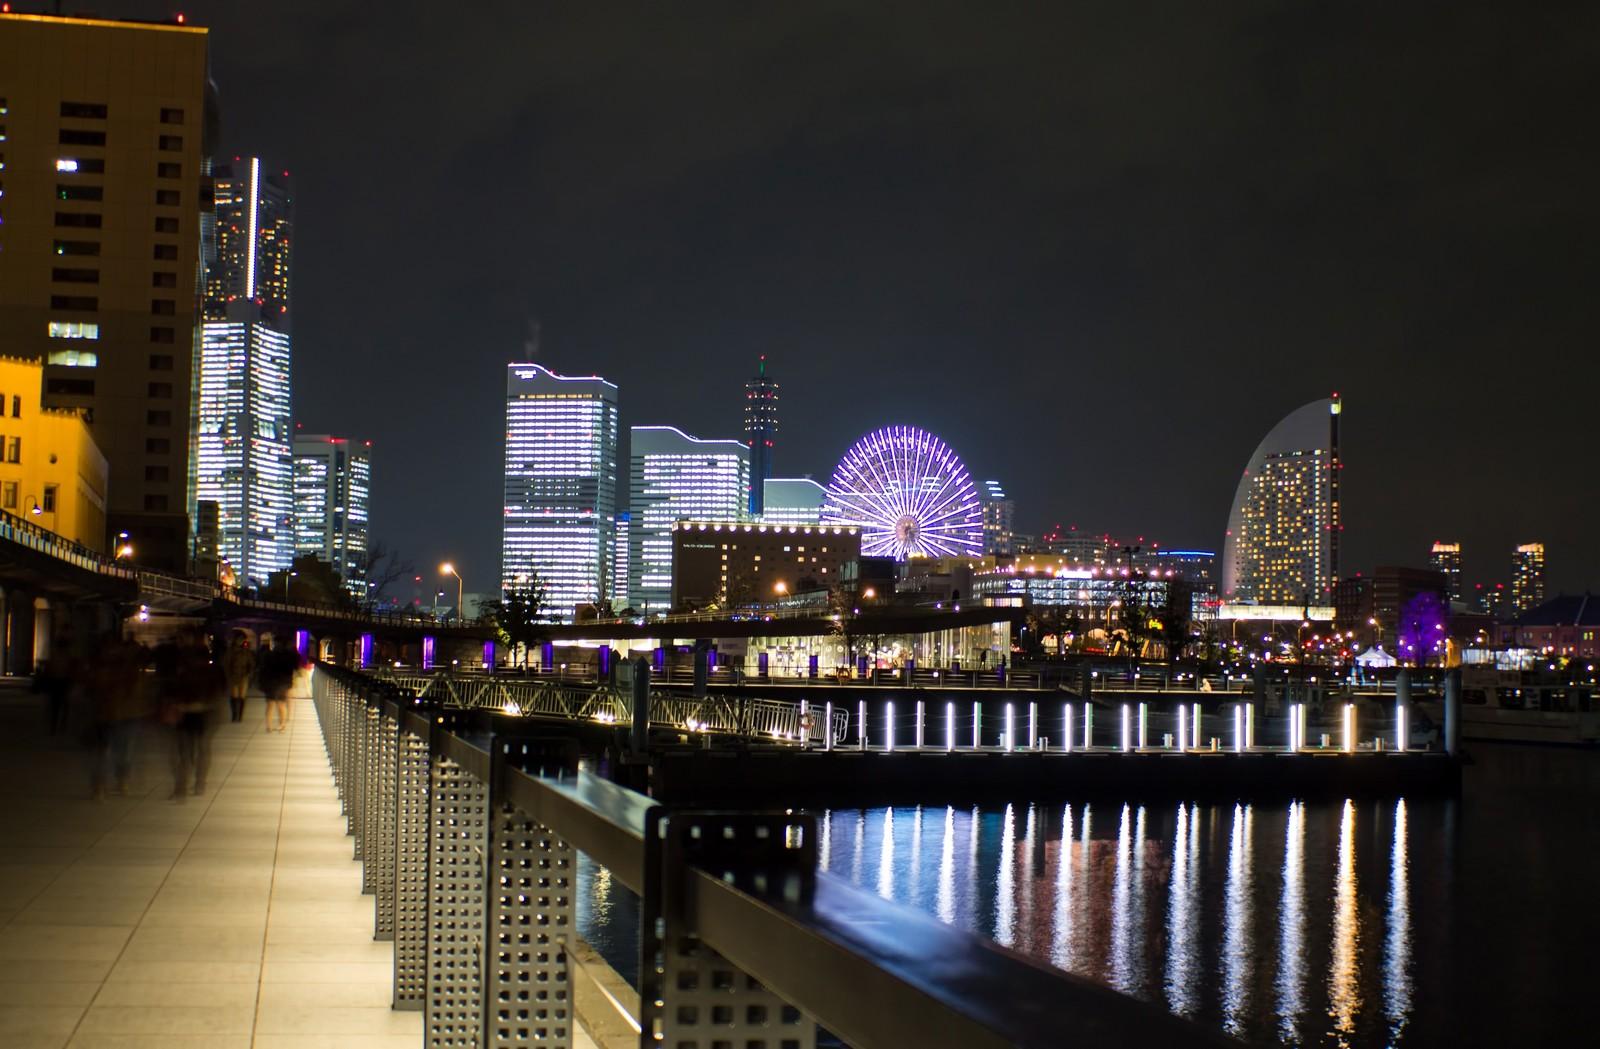 横浜・神奈川のインスタ映えカフェ・スイーツ・ランチグルメ20選!のサムネイル